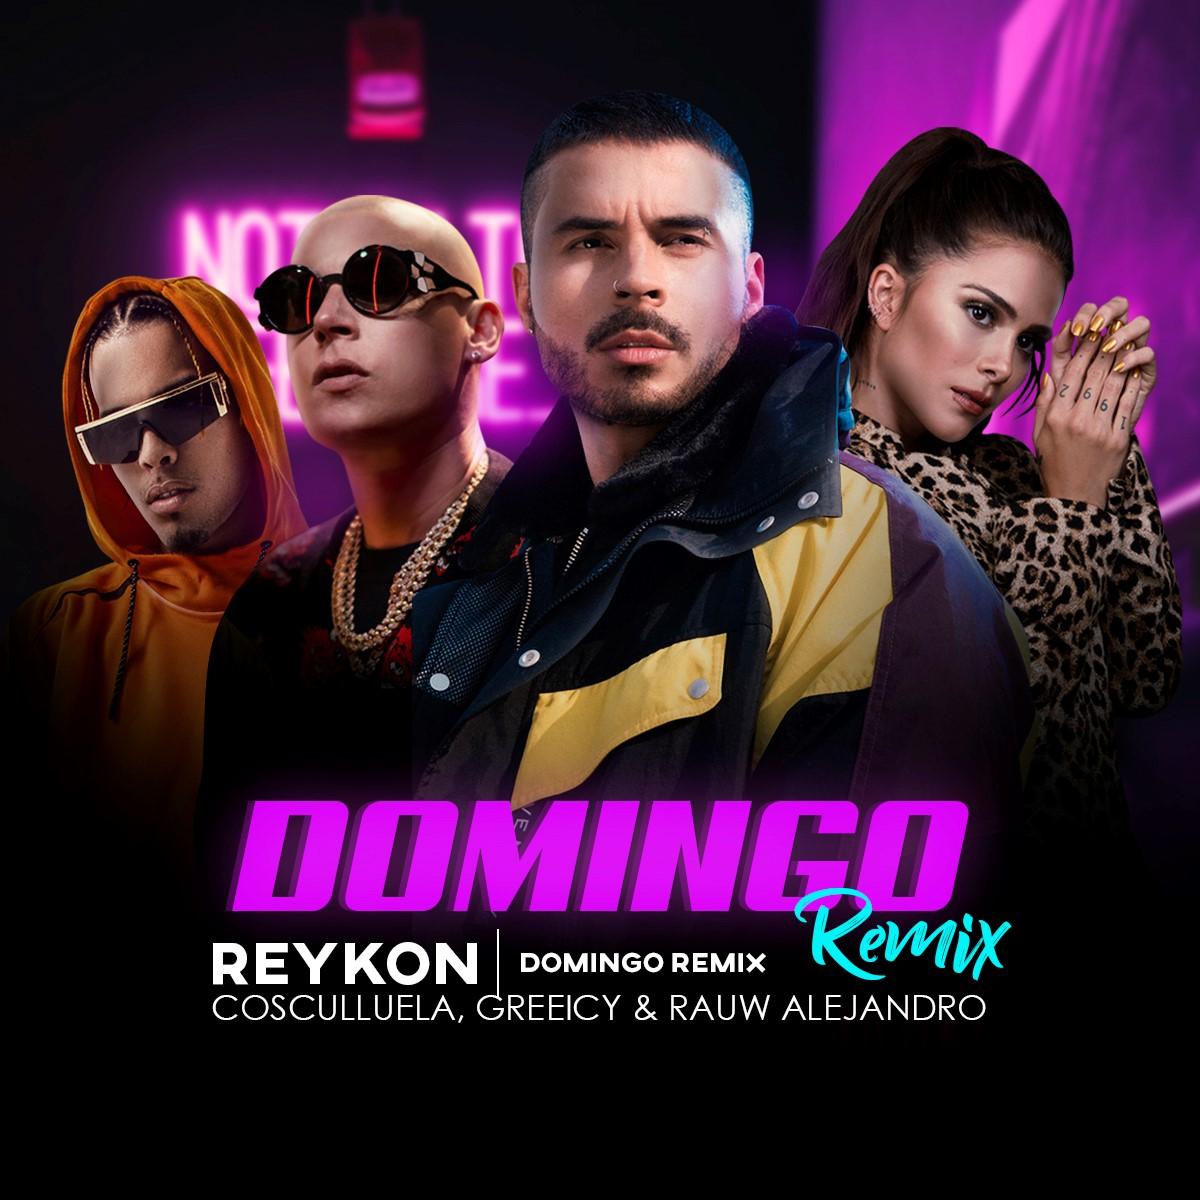 """Reykon presenta el remix de """"Domingo"""" junto a Cosculluela, Greeicy y Rauw Alejandro"""